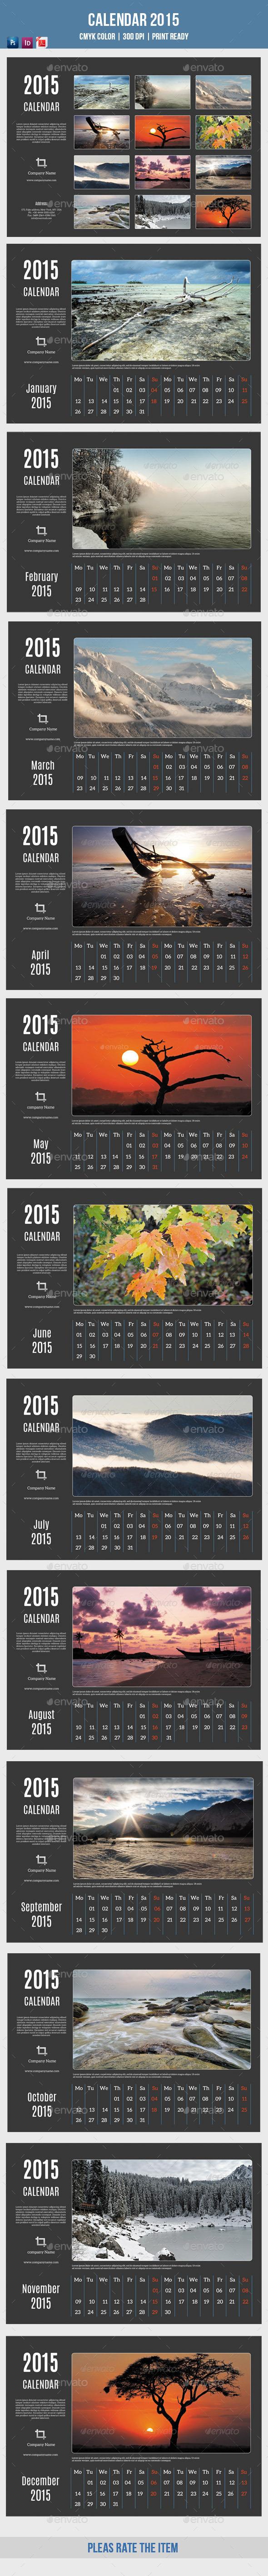 Wall Calendar-V03